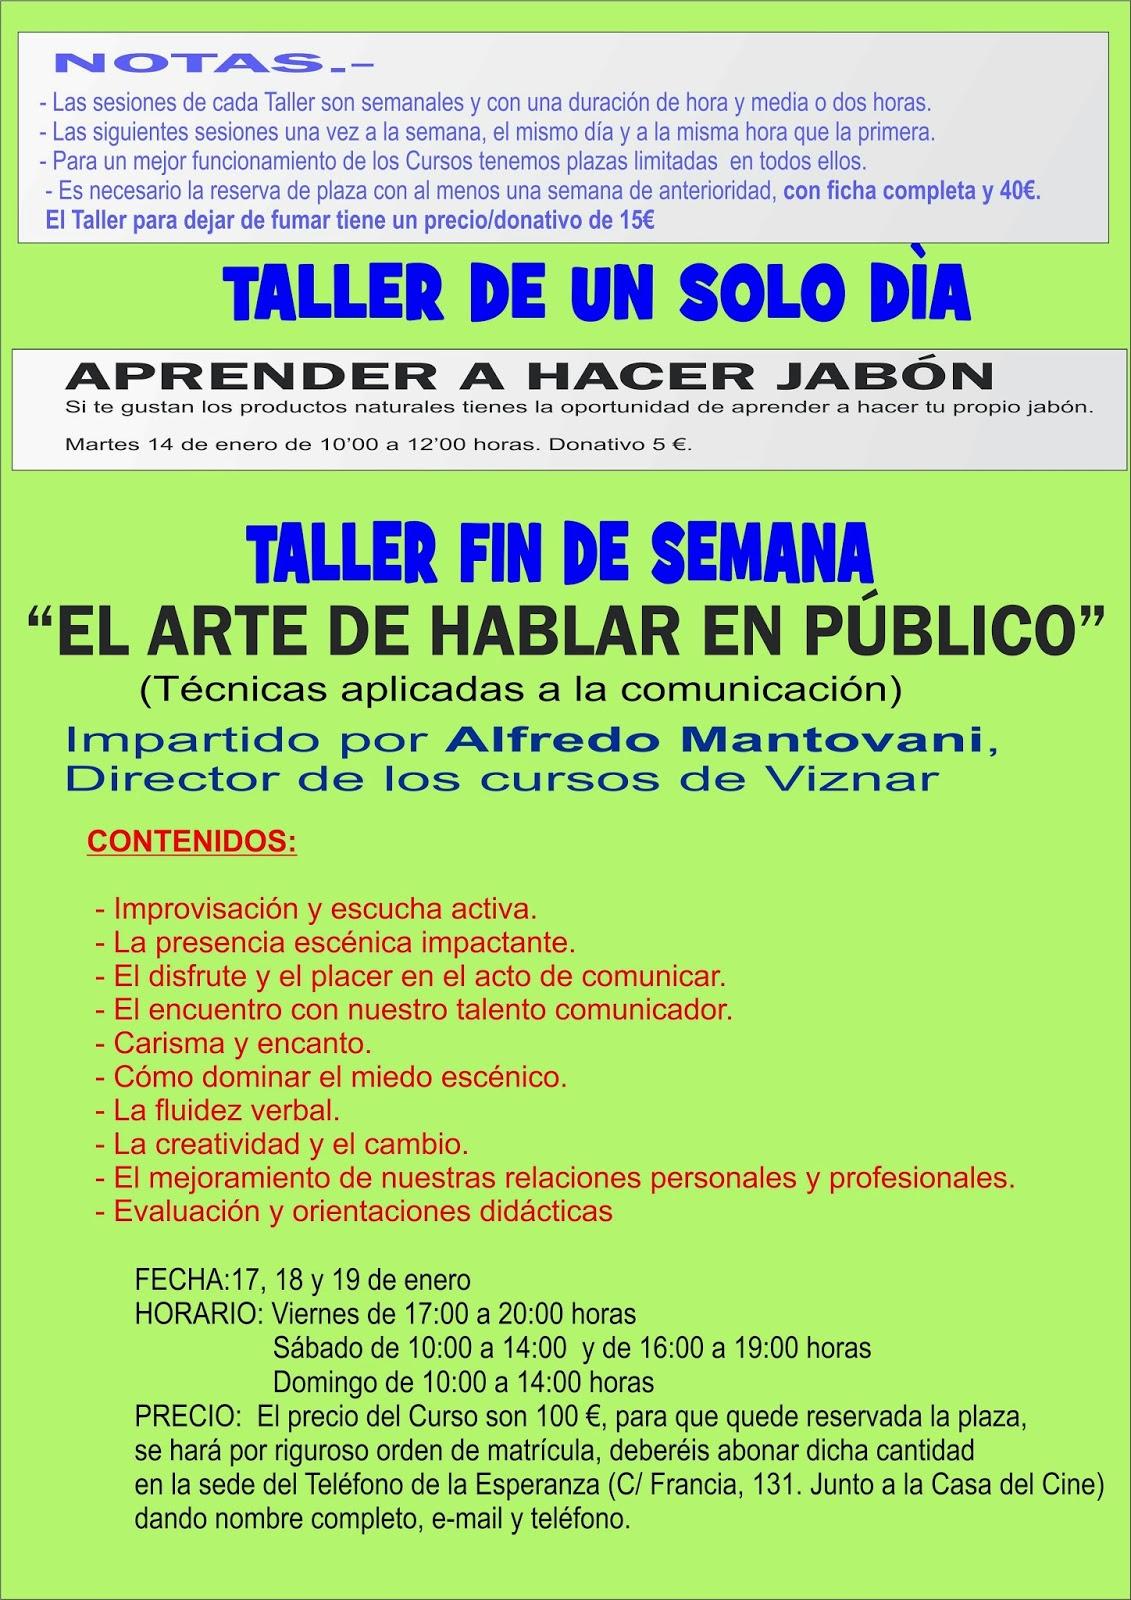 TELÉFONO DE LA ESPERANZA, ALMERÍA: 2013